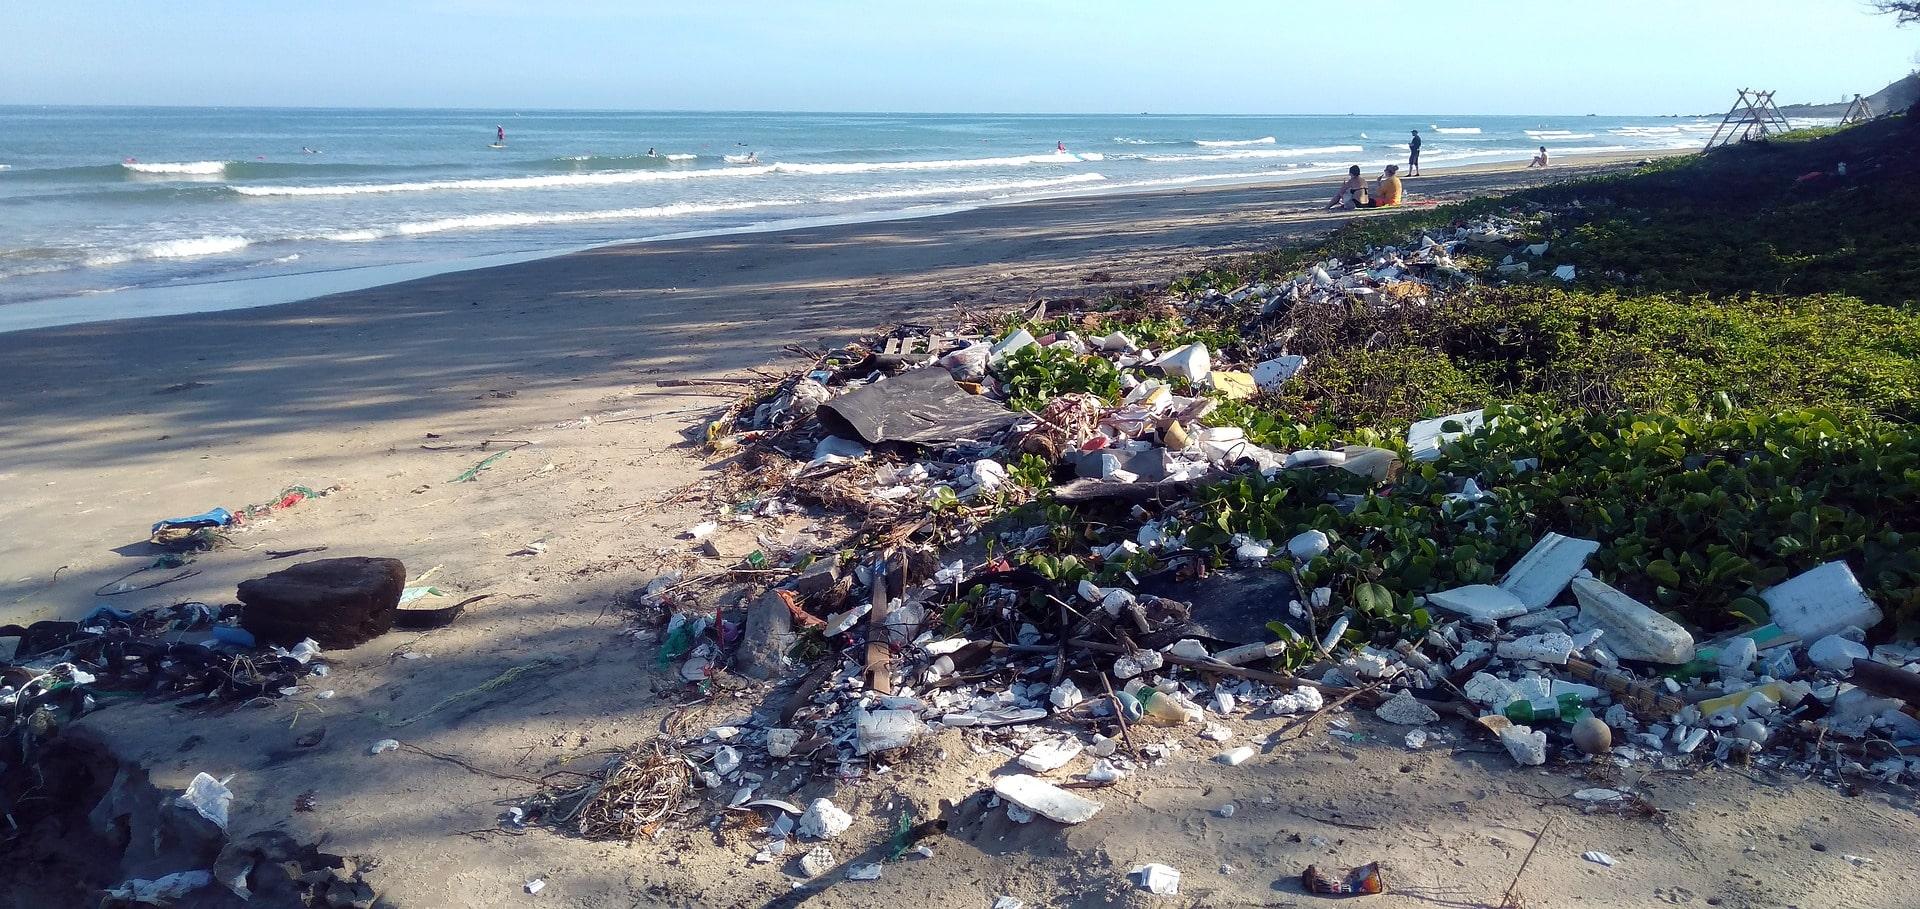 plage avec déchets